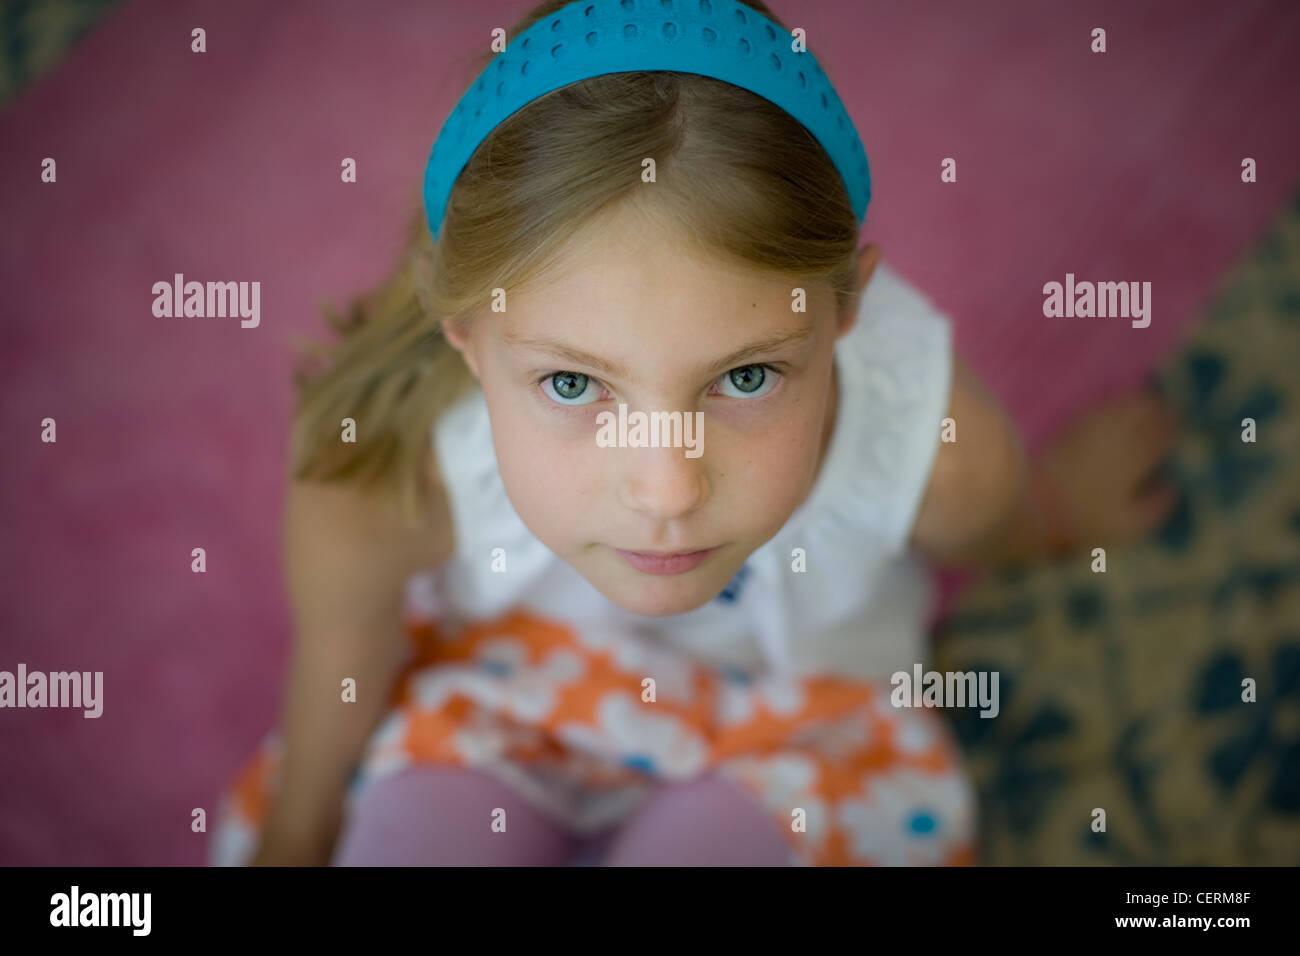 Closeup Portrait eines Mädchens tragen eine blaue Stirnband Stockbild